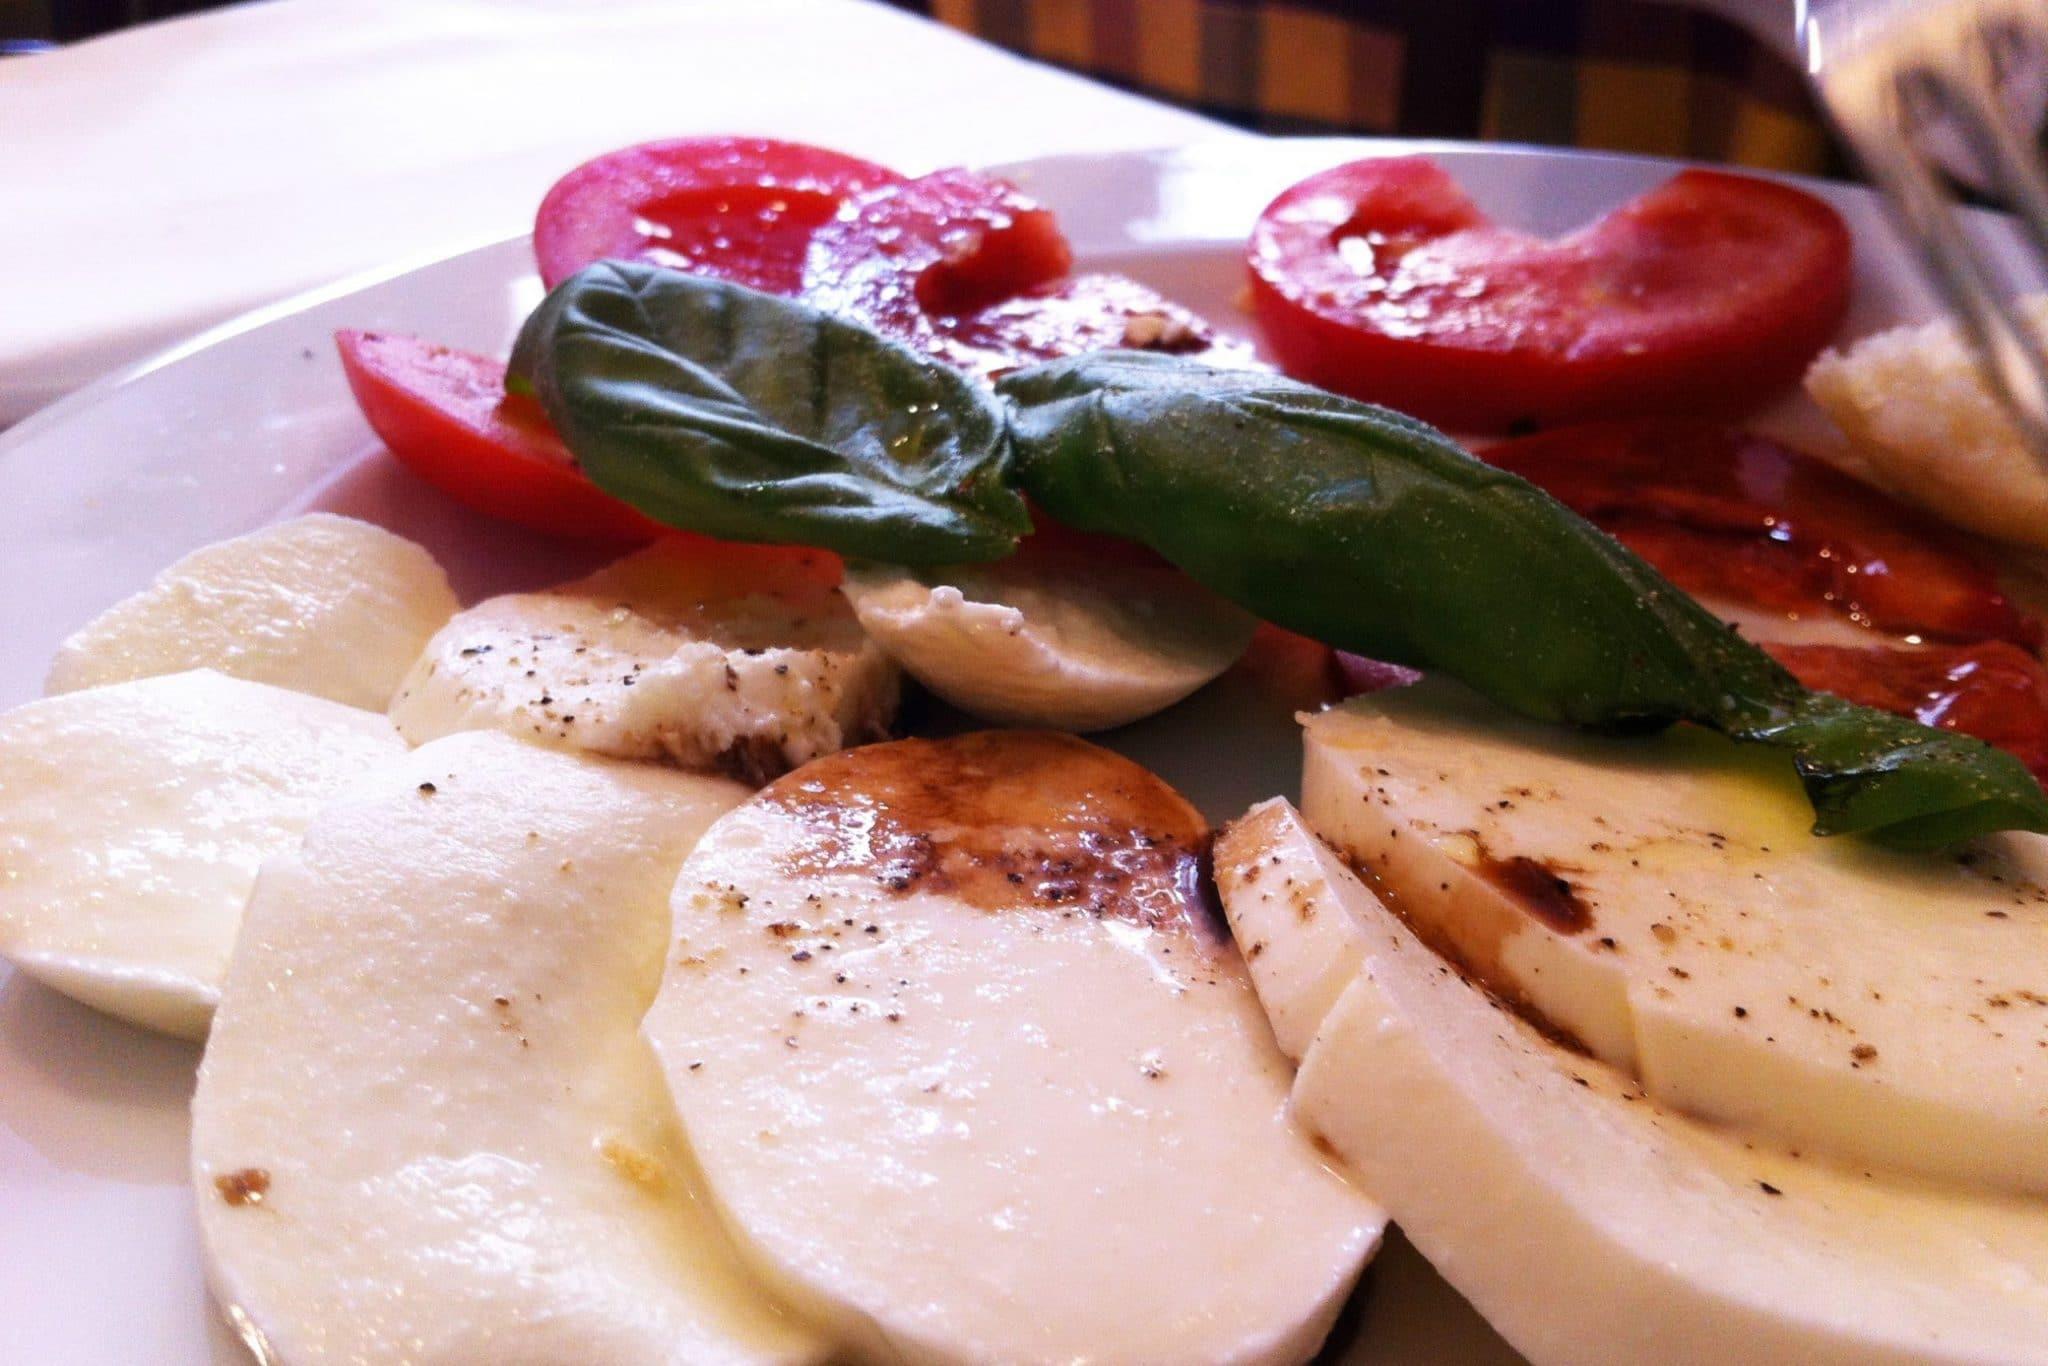 Tomates mozzarella de bufflone en Italie - 22 v'la Scarlett